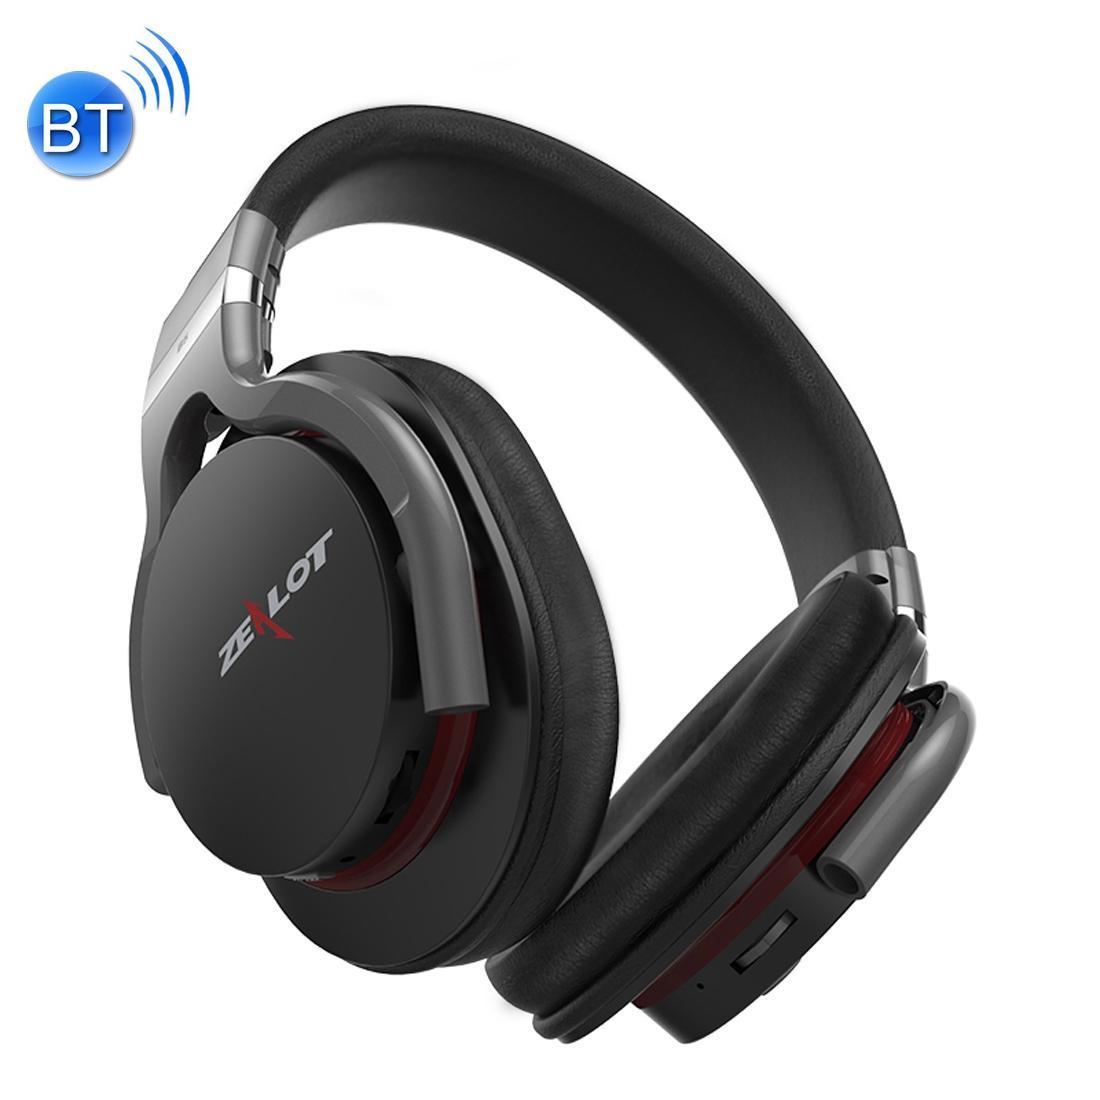 Фанатик B5 стерео Проводные Беспроводные Bluetooth наушники 4,0 Сабвуфер гарнитуры Ear Чашка со спикером 40мм HD микрофон, для мобильных телефонов Tab